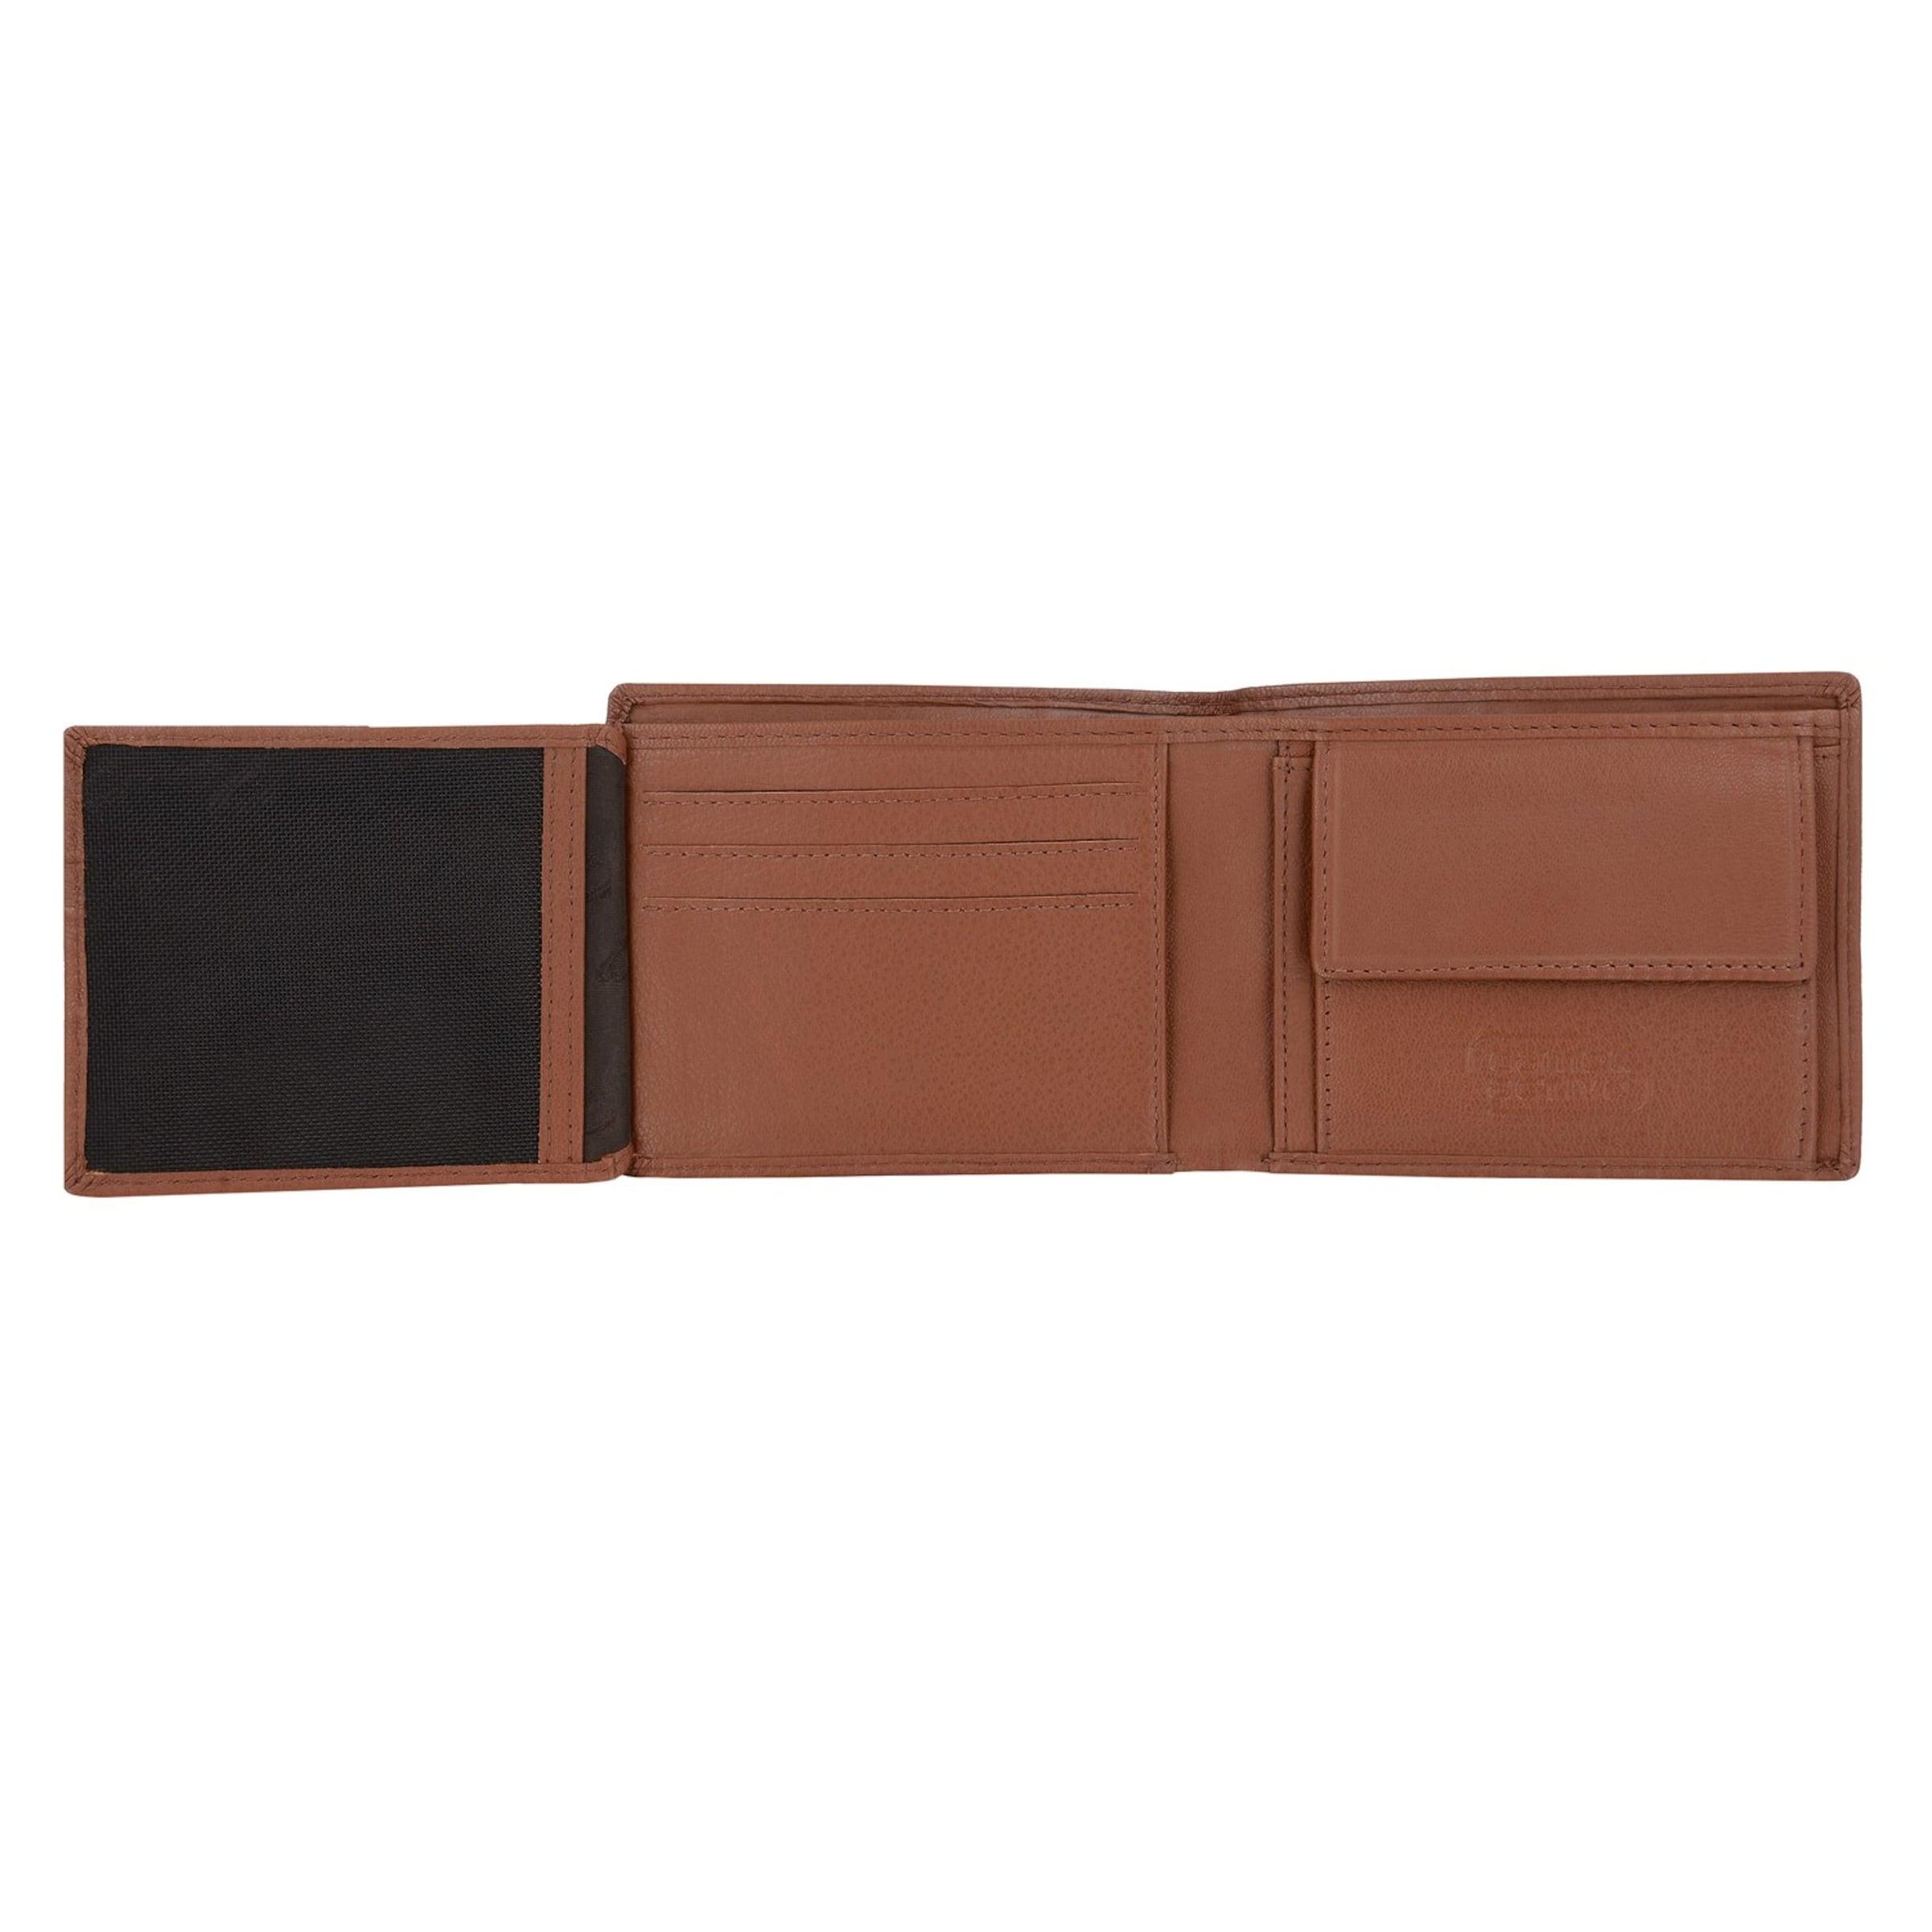 CAMEL ACTIVE 'London' Mini Geldbörse, Leder, 11 cm